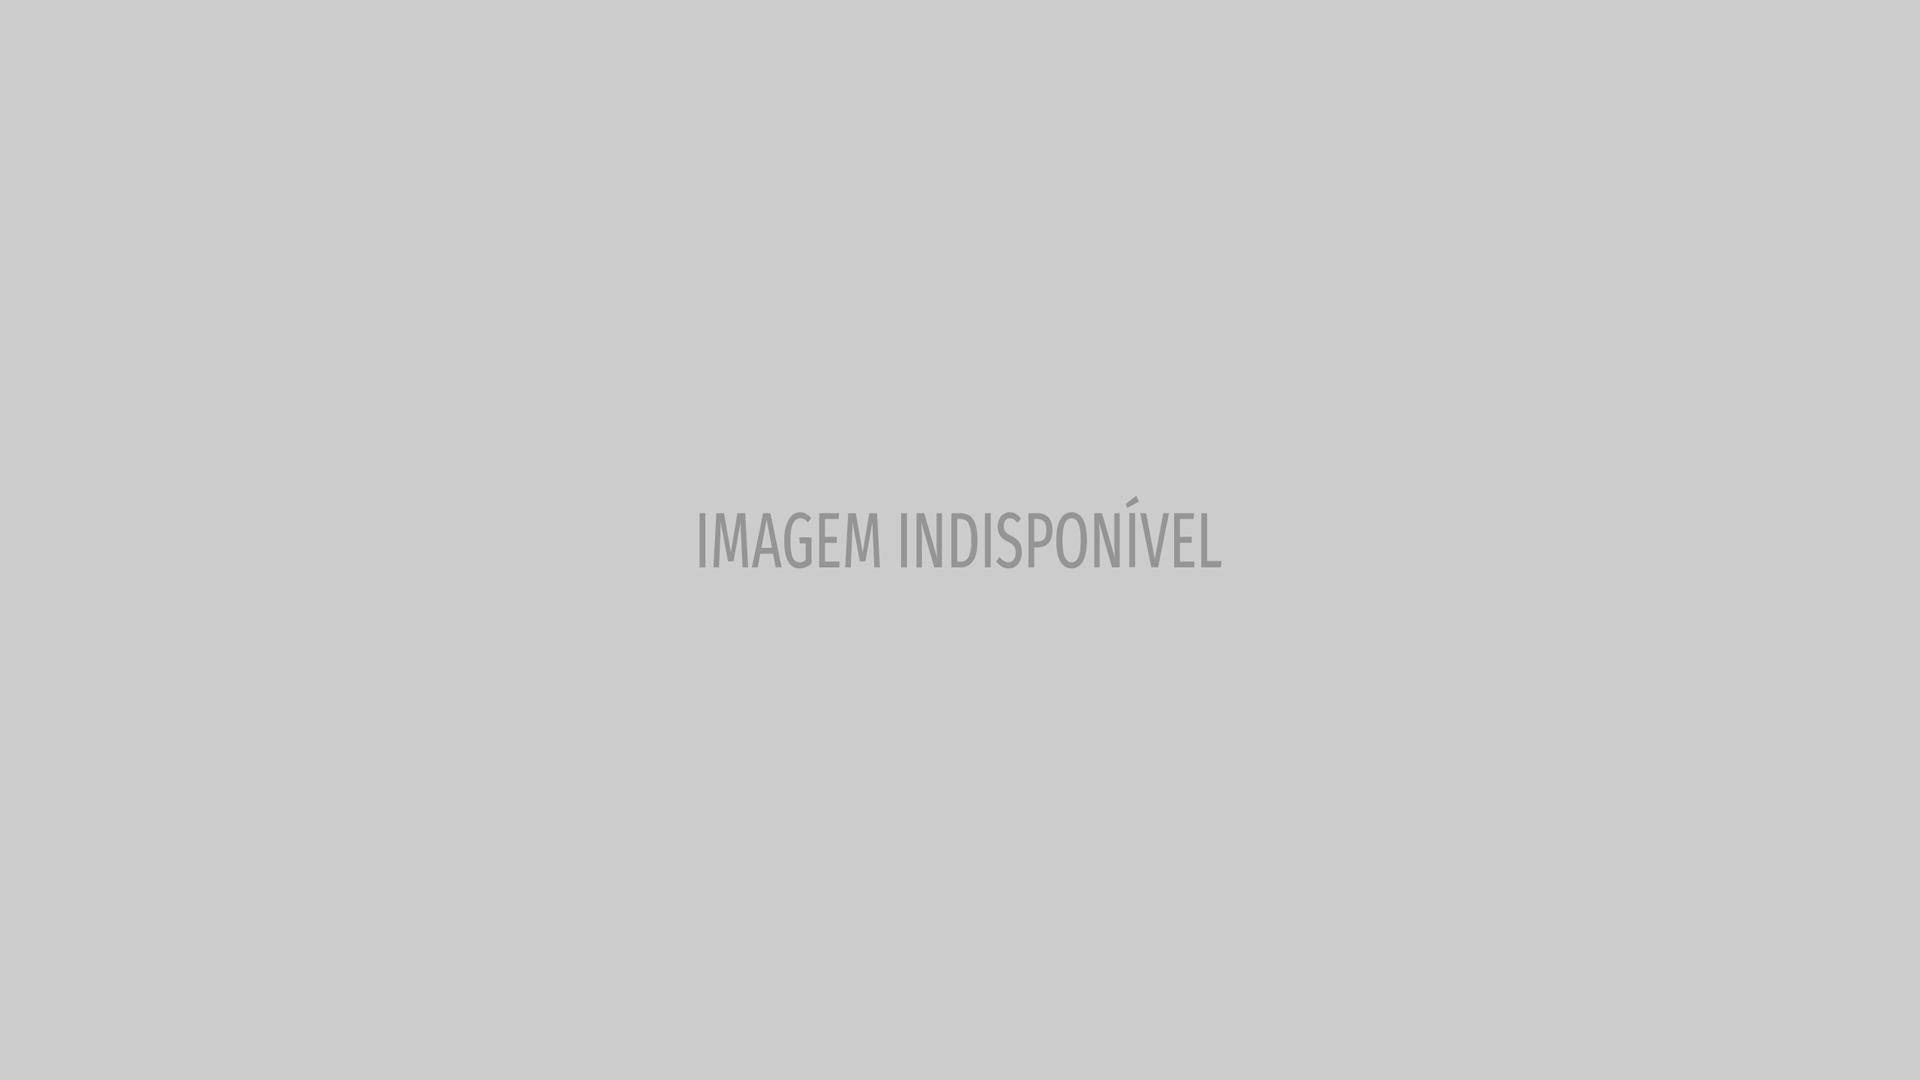 Bolsonaro posta foto com submetralhadora e defende população armada